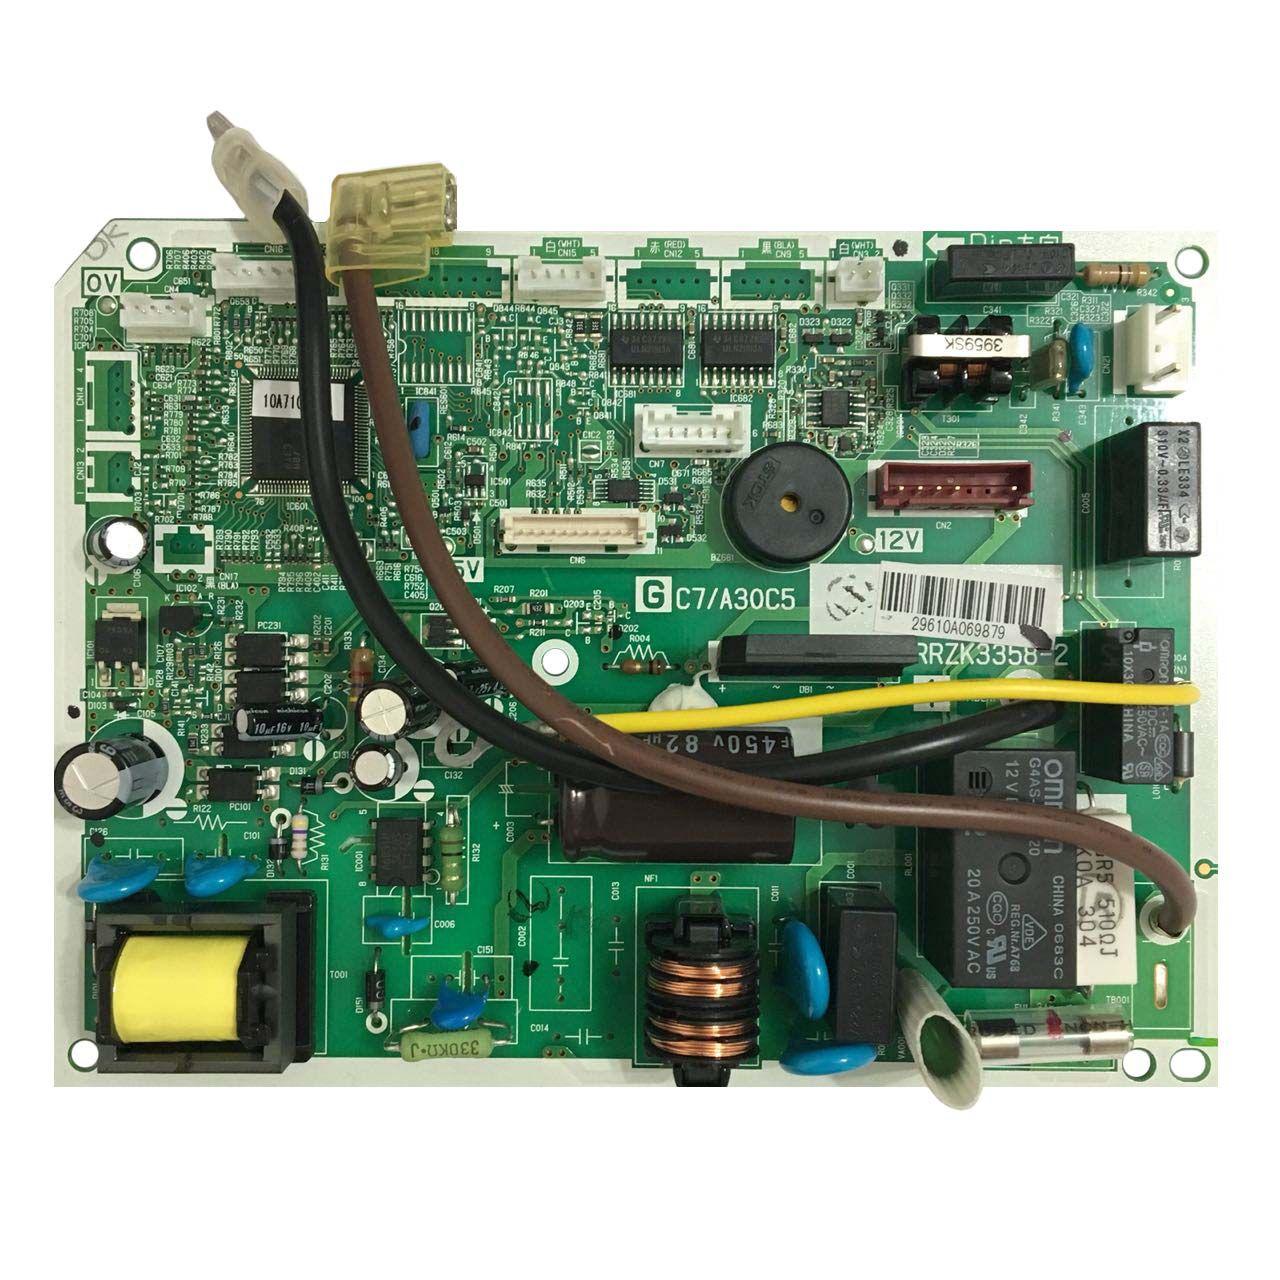 Placa Eletrônica Evaporadora Hitachi Modelo RPKIV09B Inverter Frio D46686F